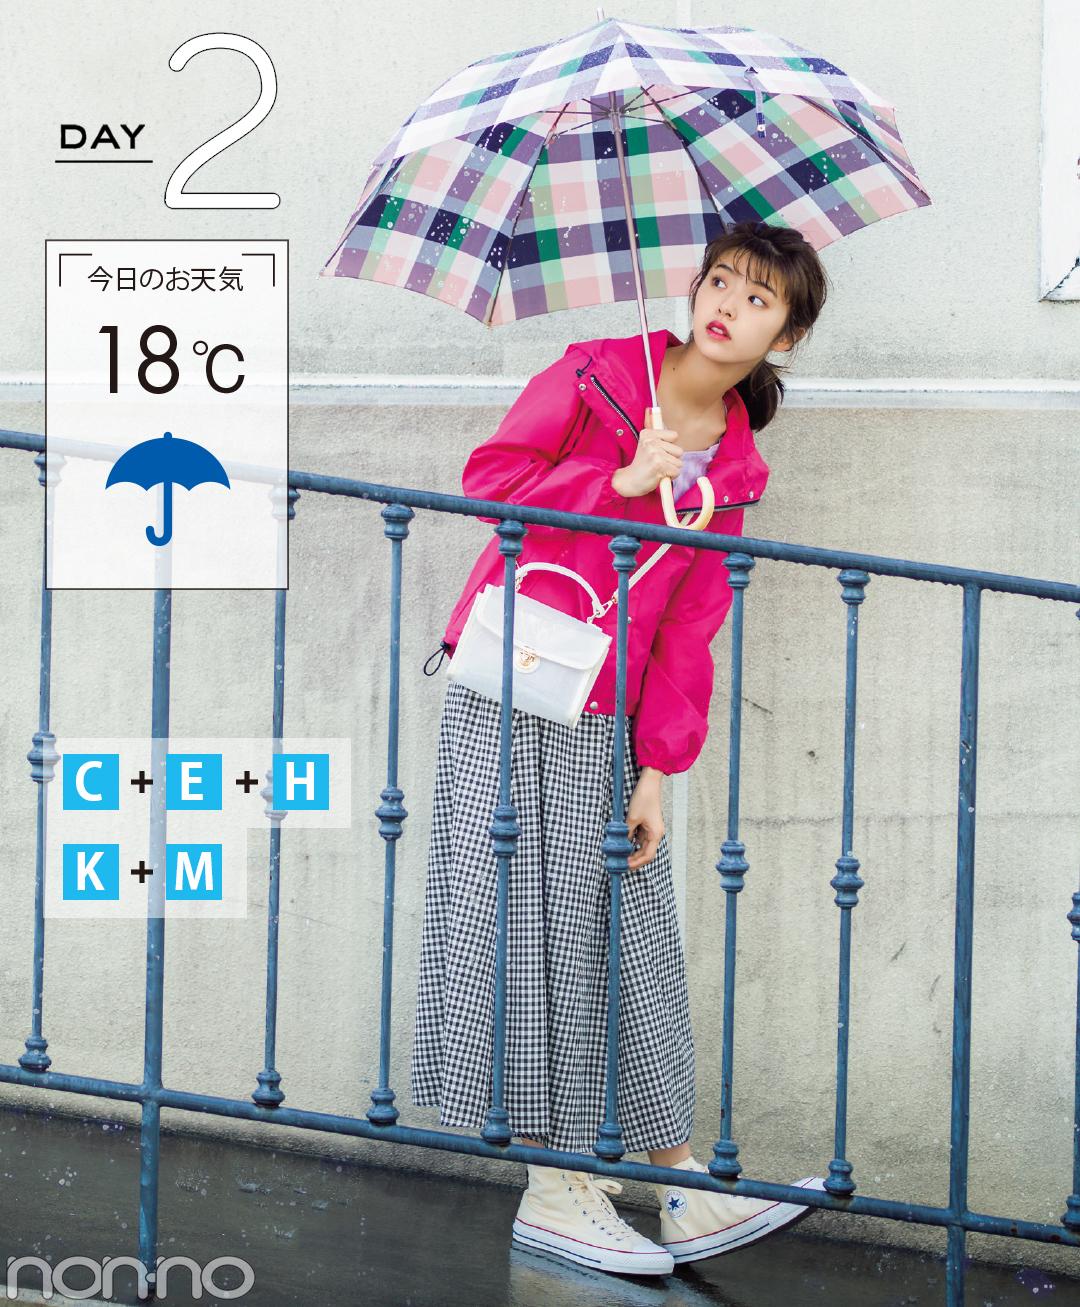 気温差にも梅雨にも負けない! 6月のお天気対応☆快適着回し10days【前半】_1_4-1